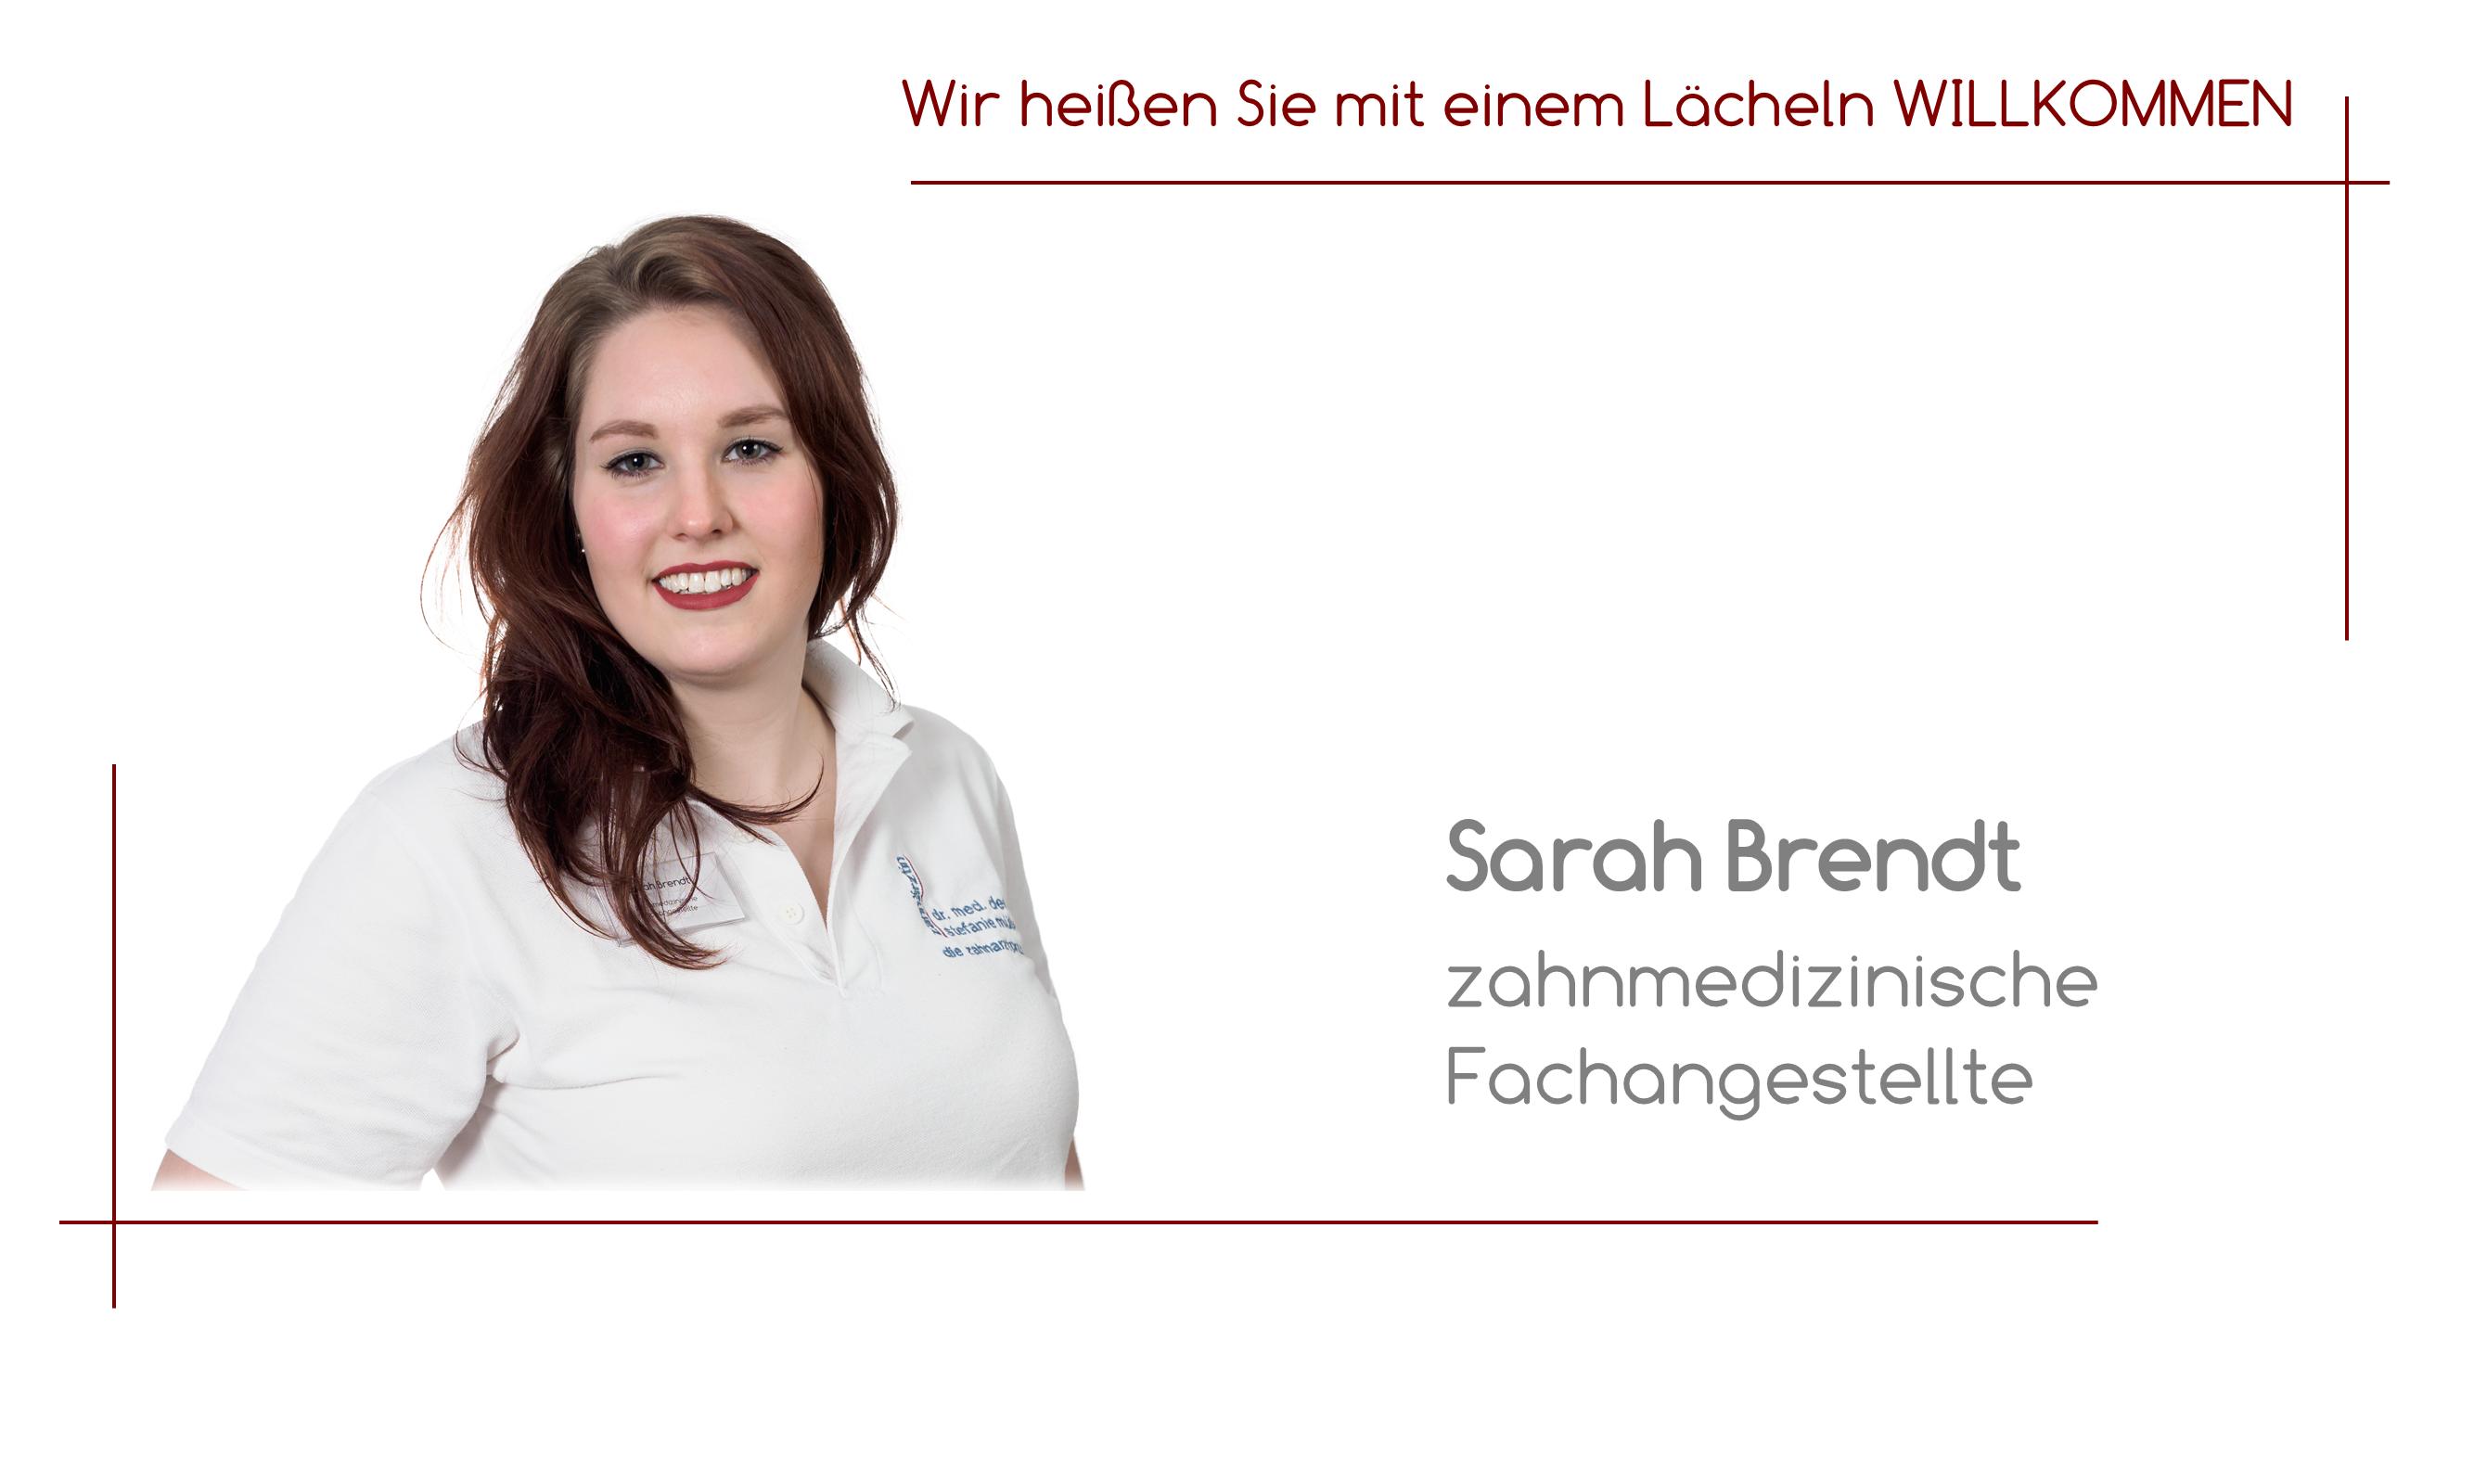 Sarah Brendt - zahnmedizinische Fachangestellte